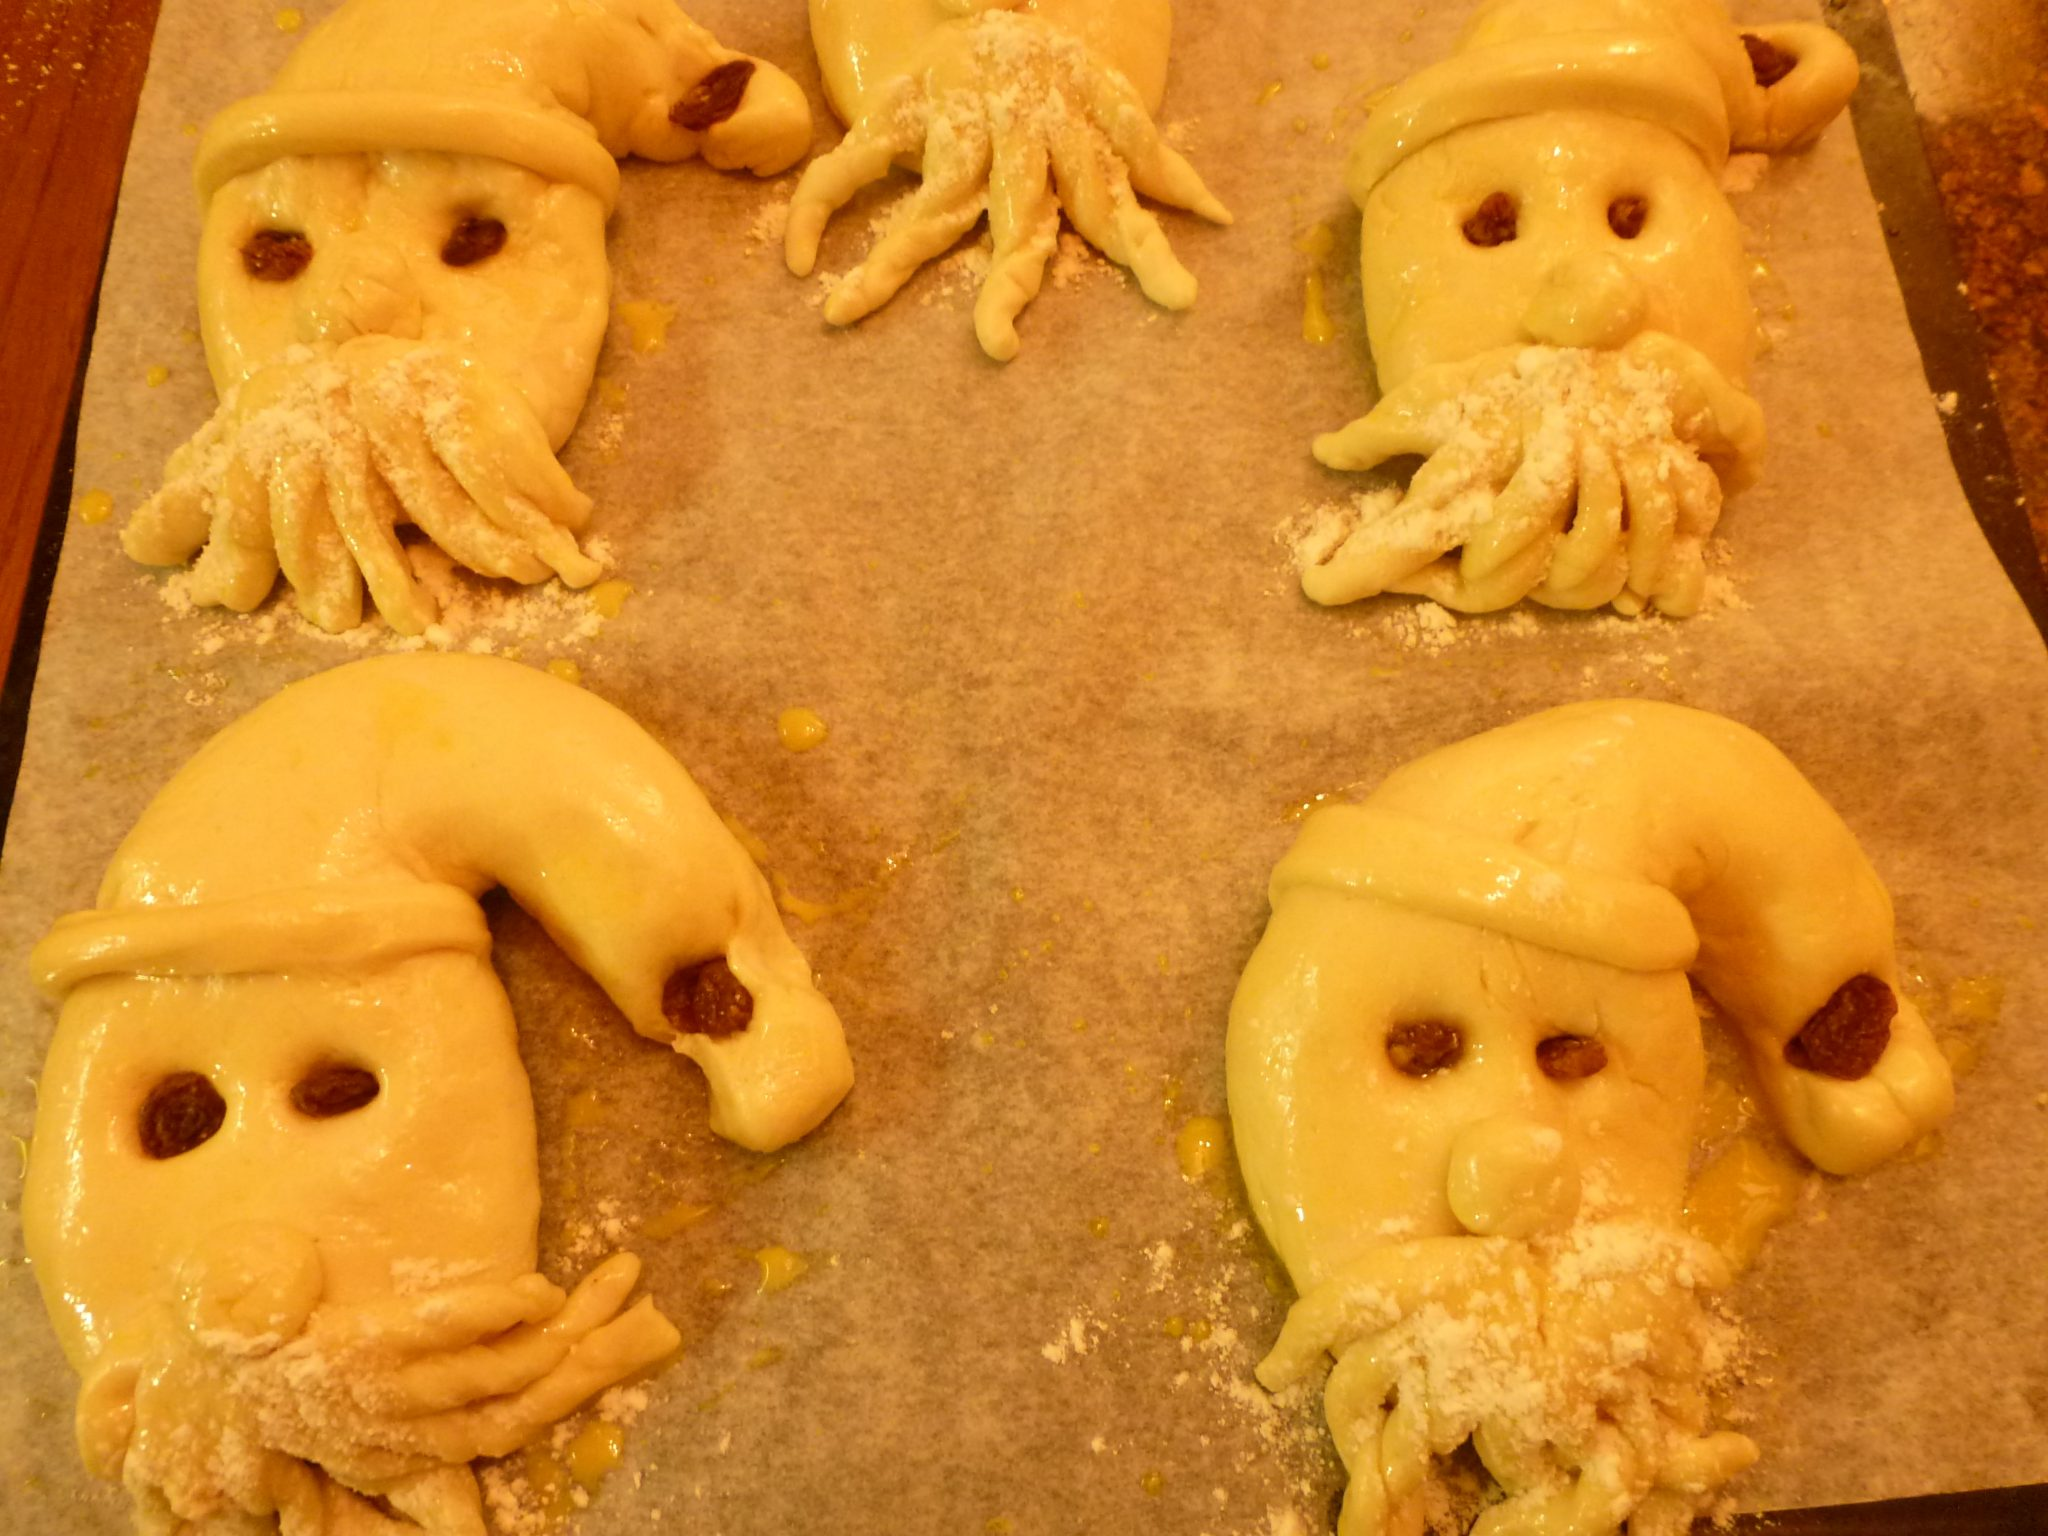 formé pâte sur une plaque à pâtisserie